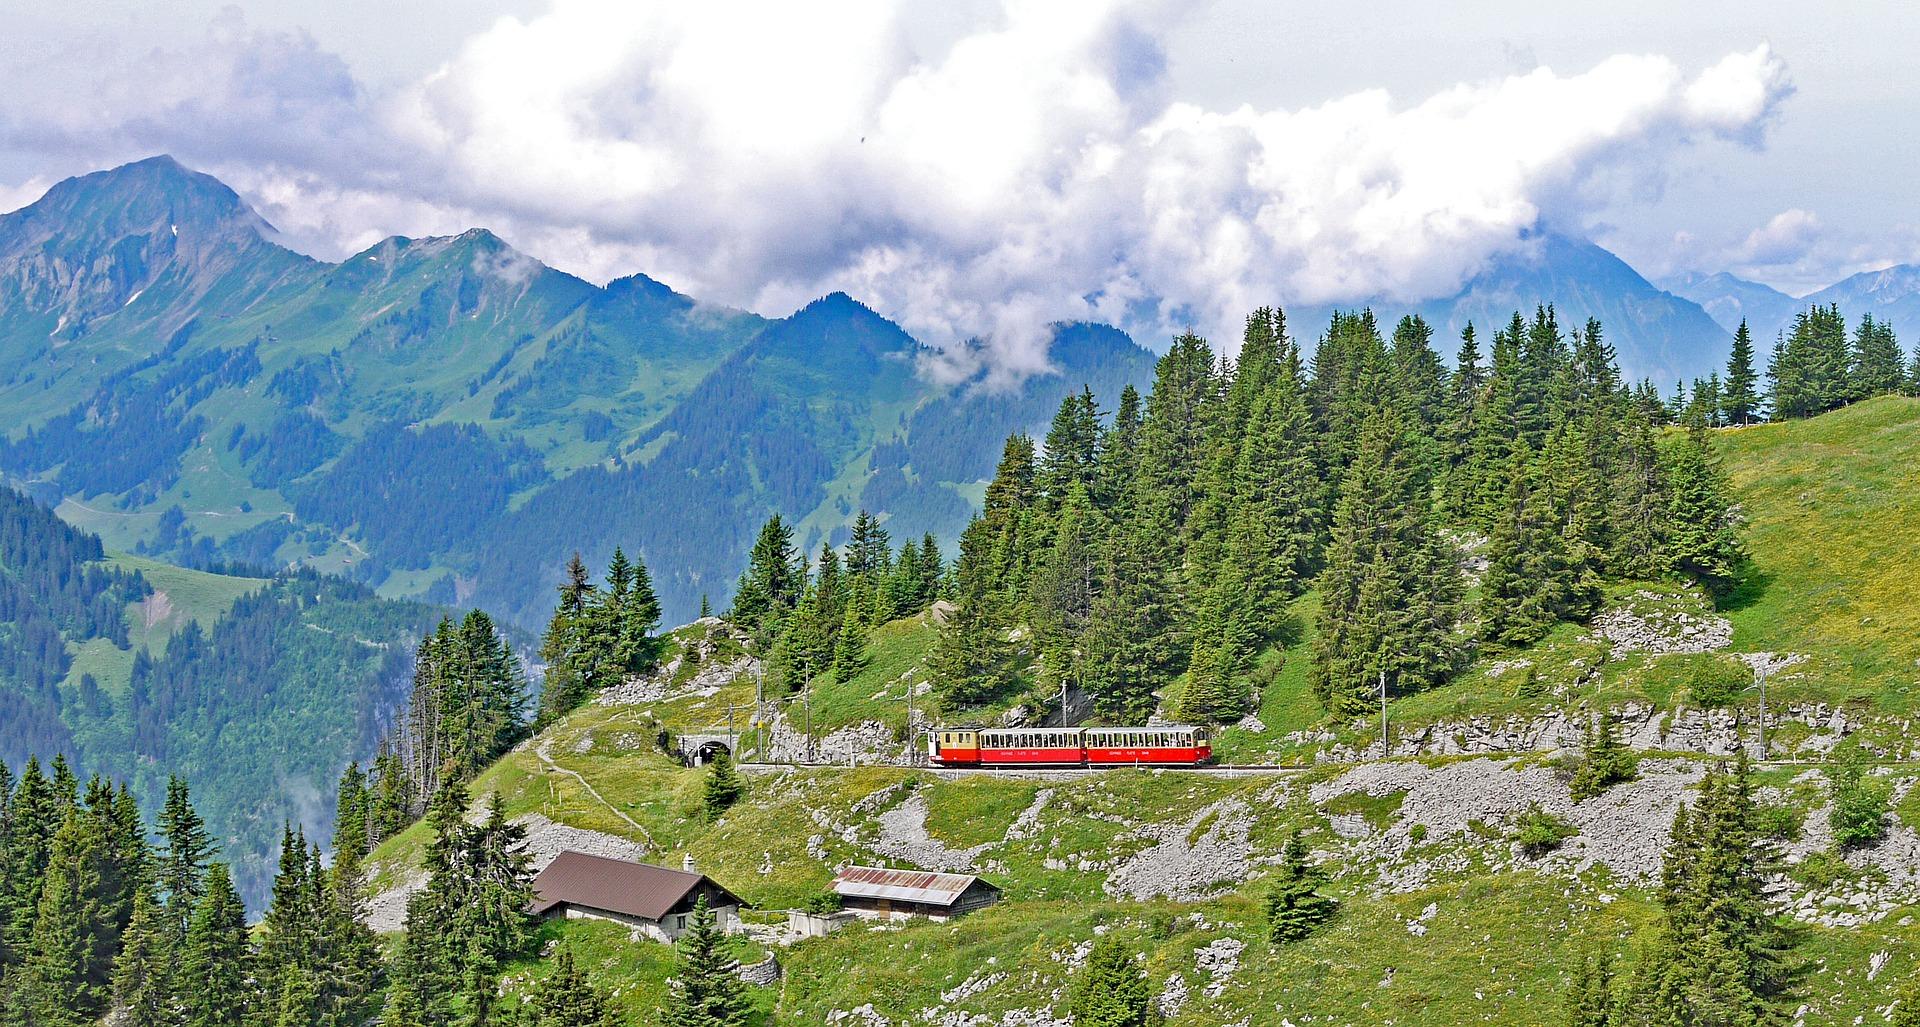 mountain-railway-3197671_1920